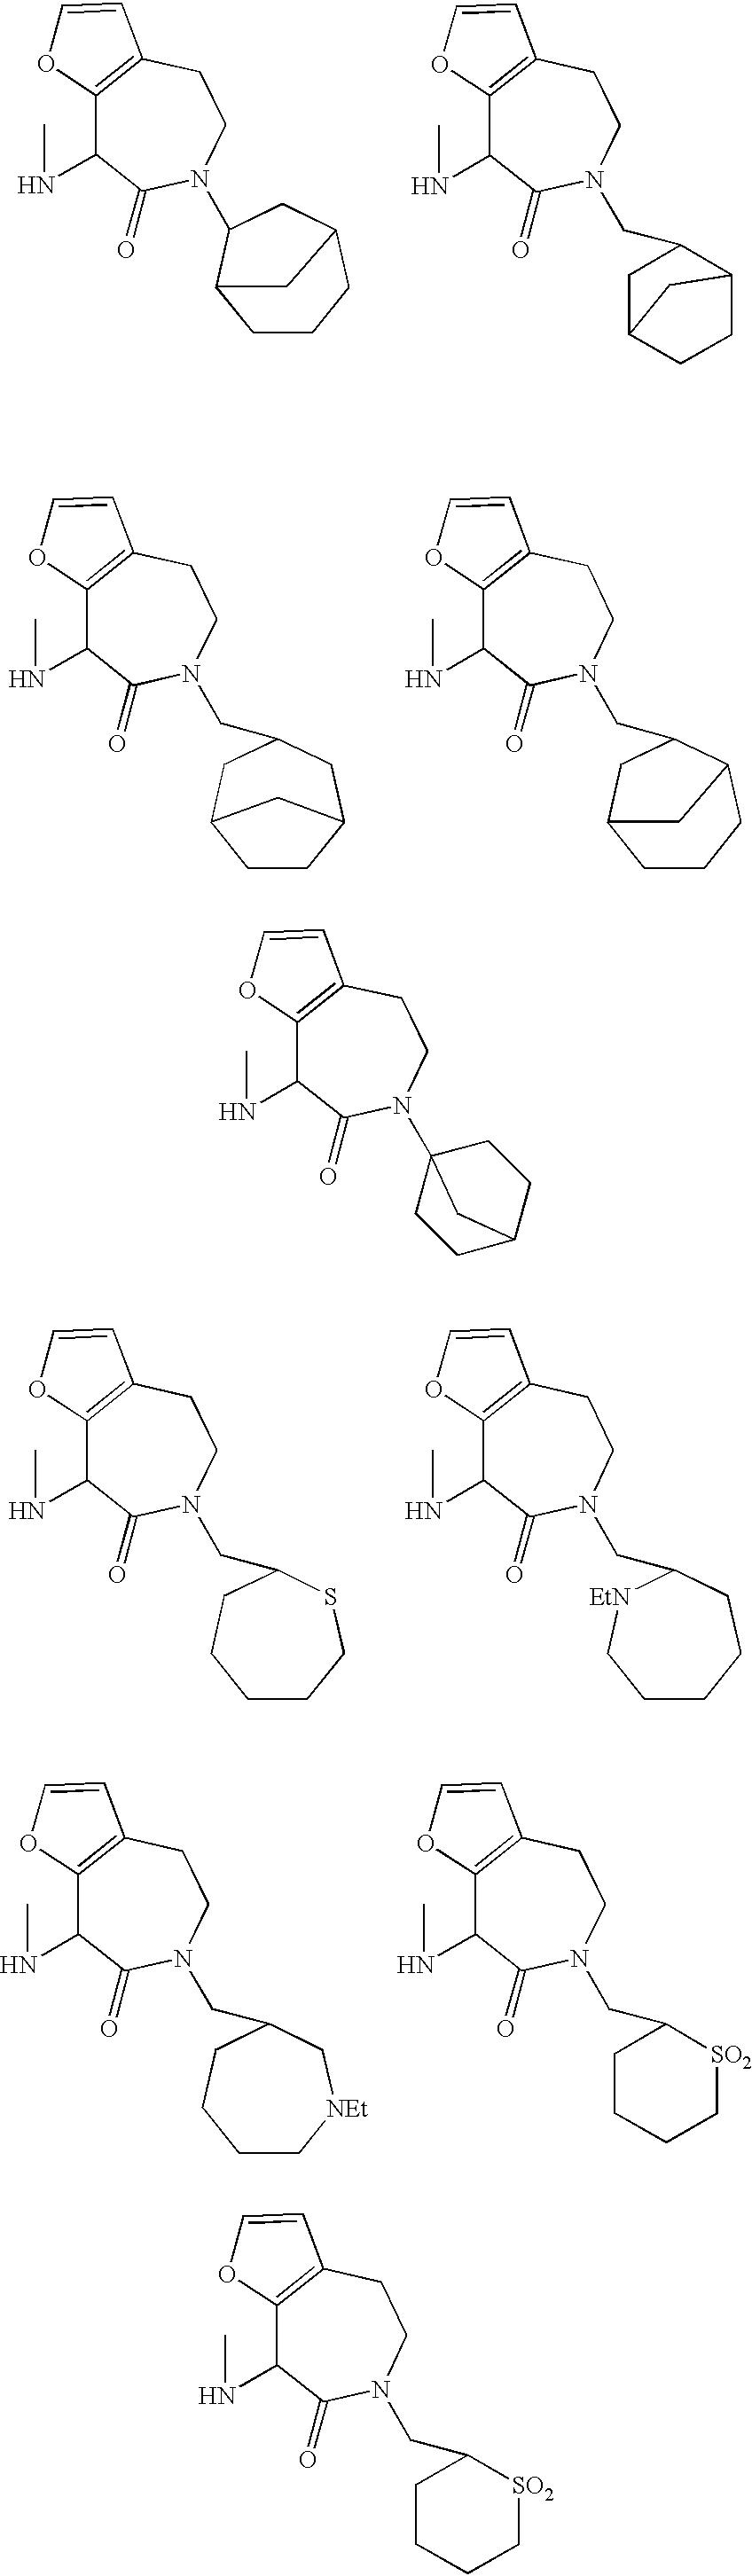 Figure US06509331-20030121-C00080